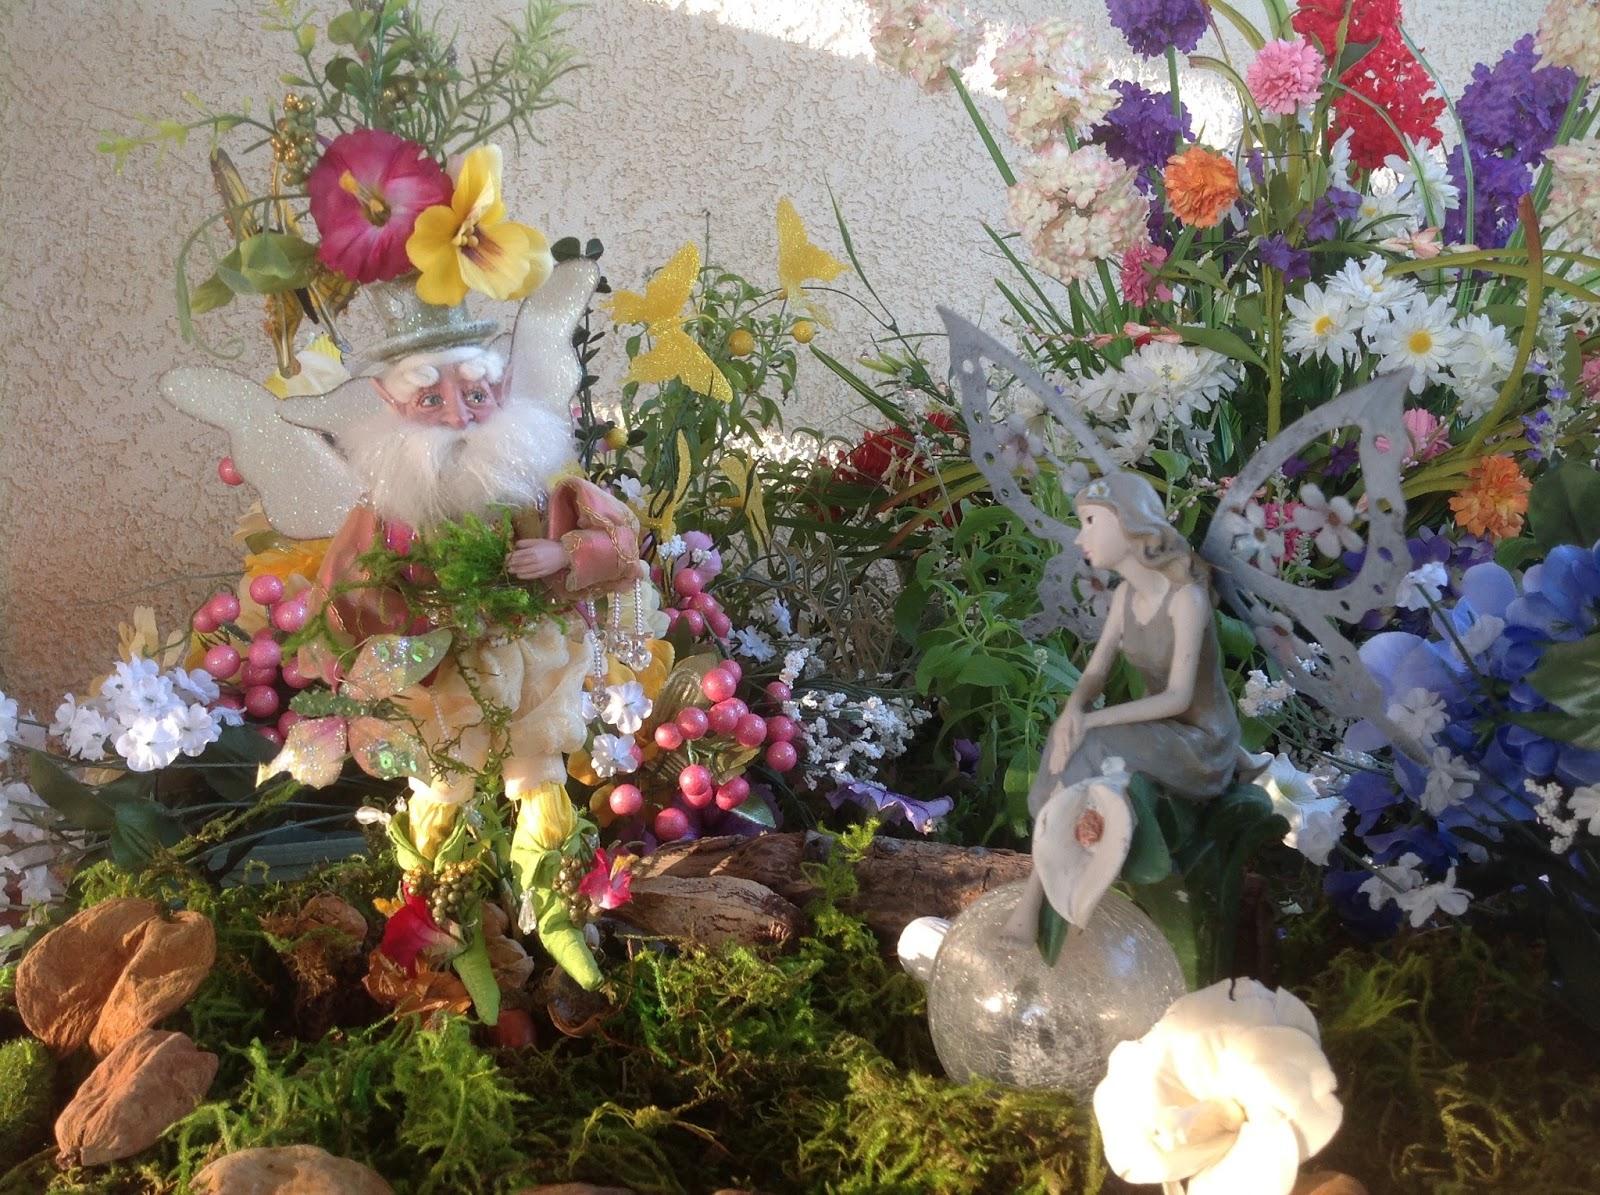 Enchanted Garden: Grandma's Enchanted Fairy Garden: August 2015